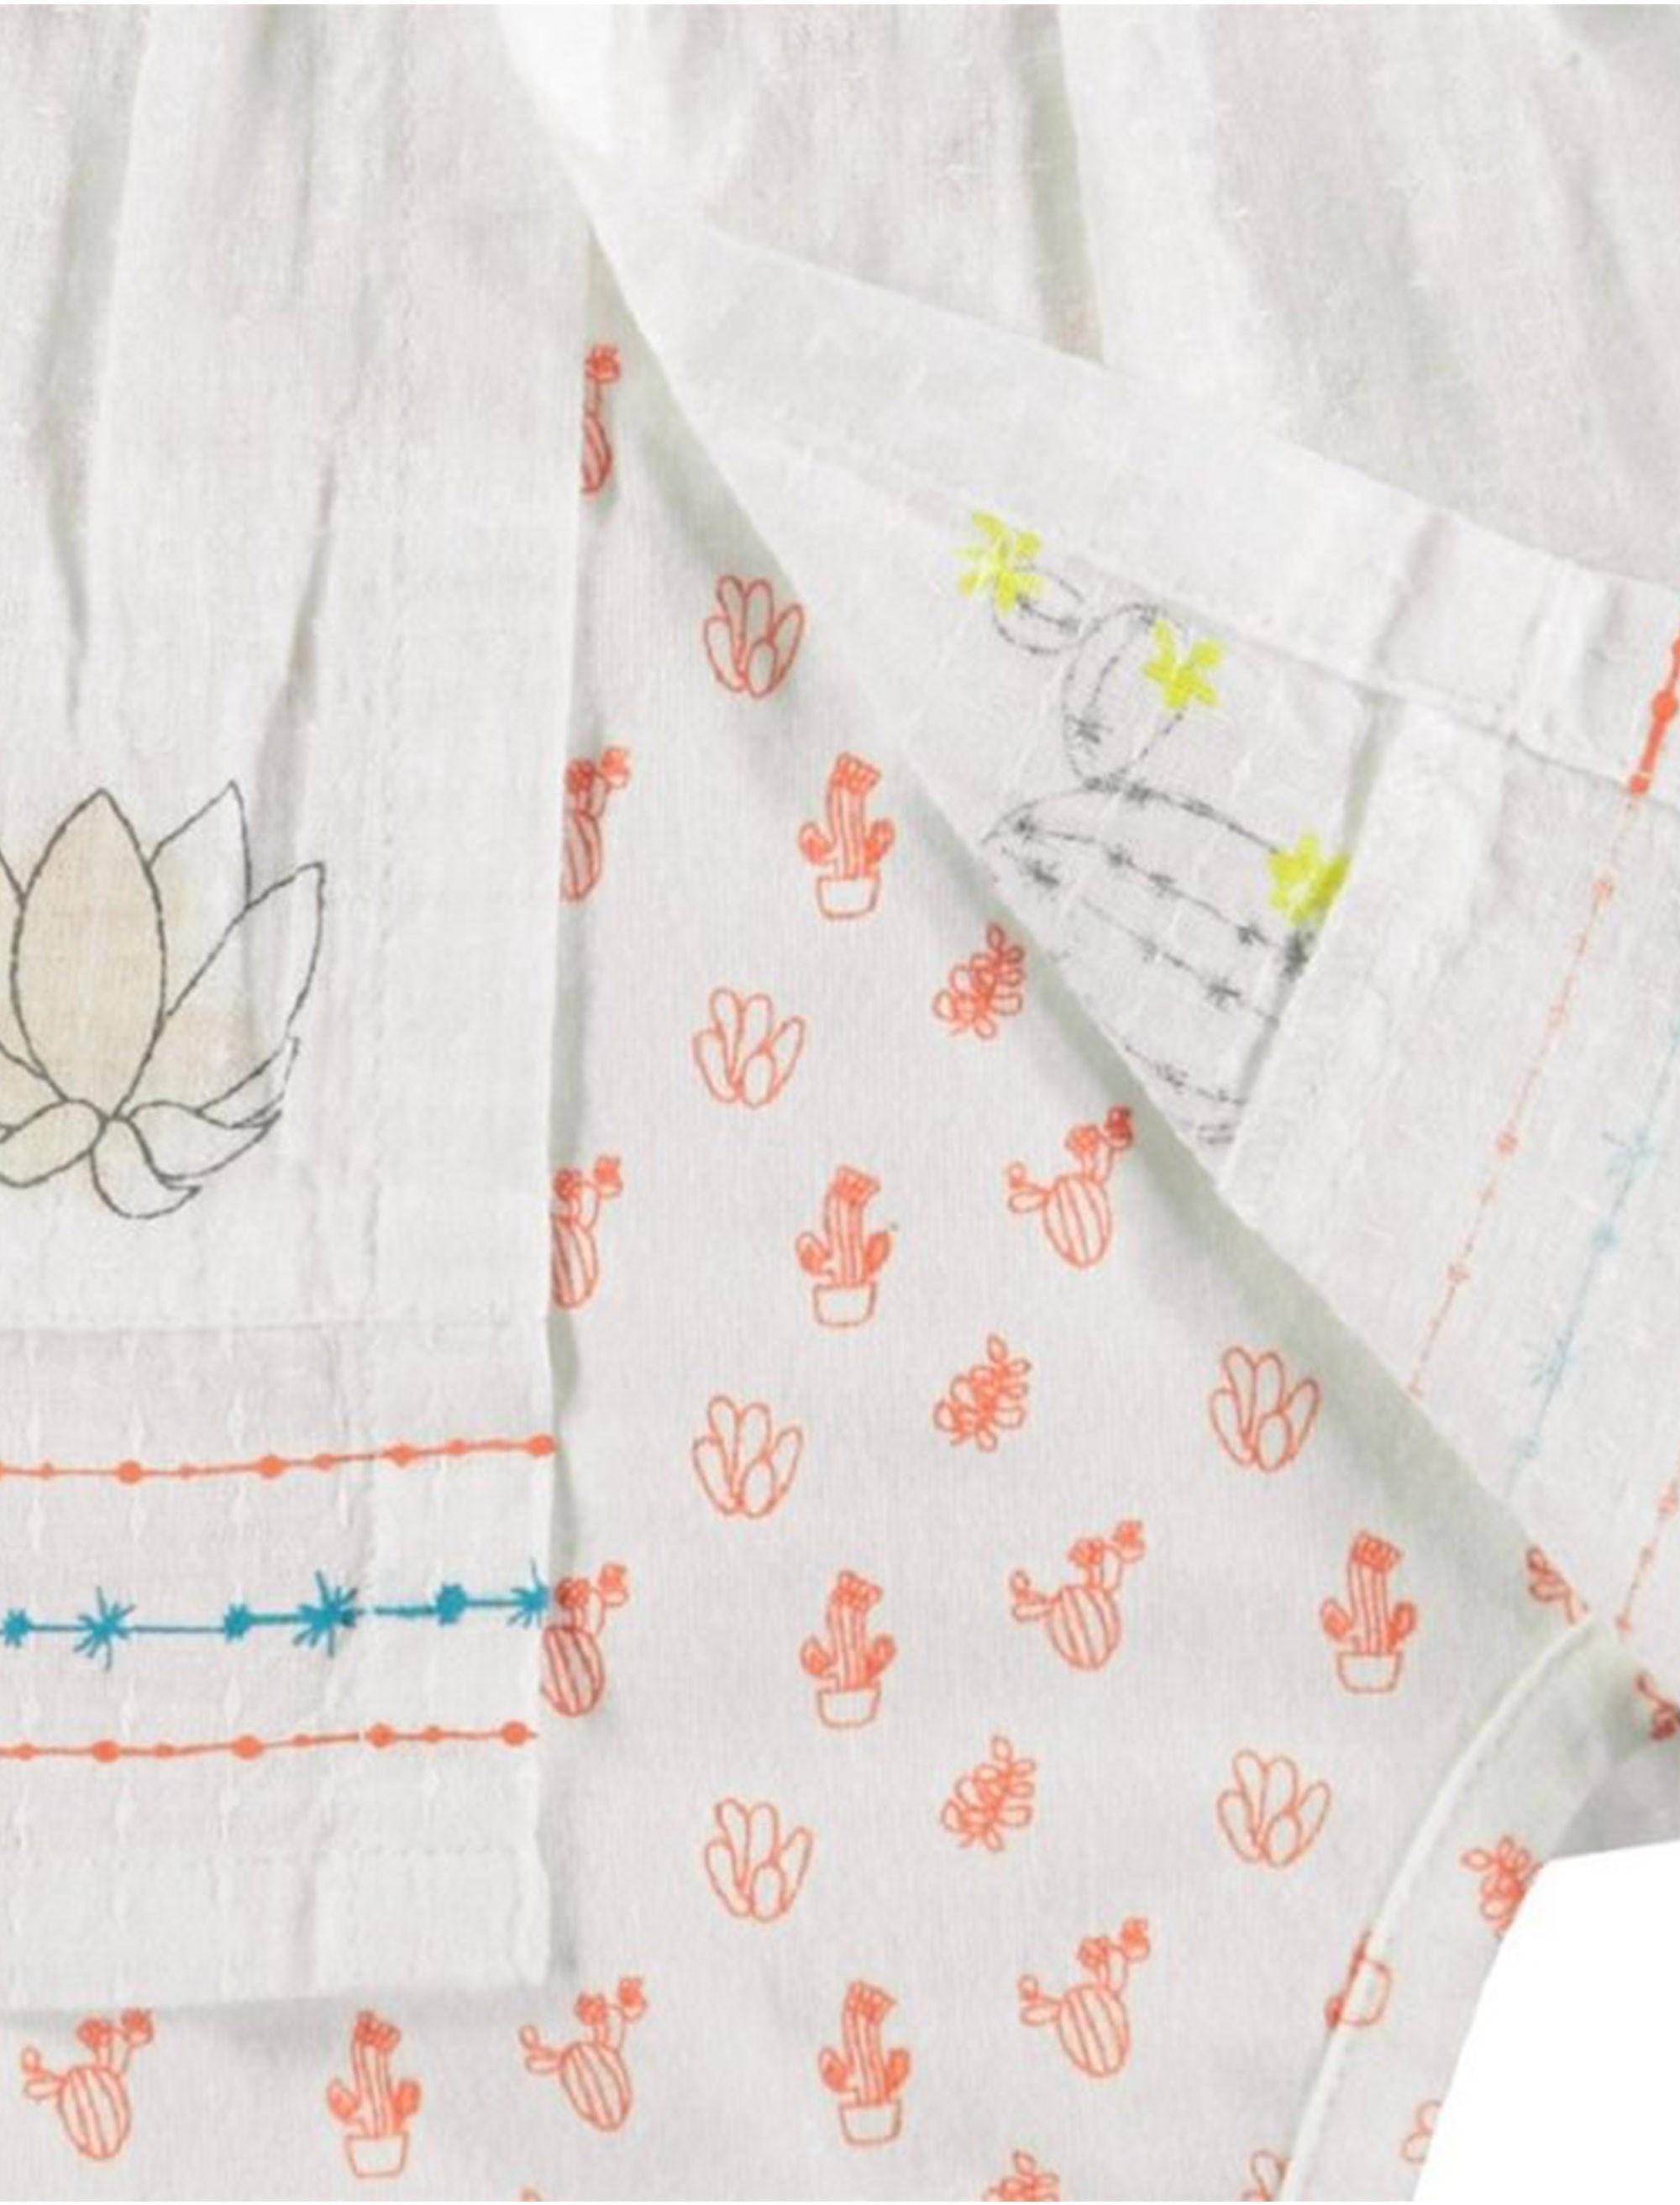 پیراهن و شورت نوزادی دخترانه - ارکسترا - سفید - 3